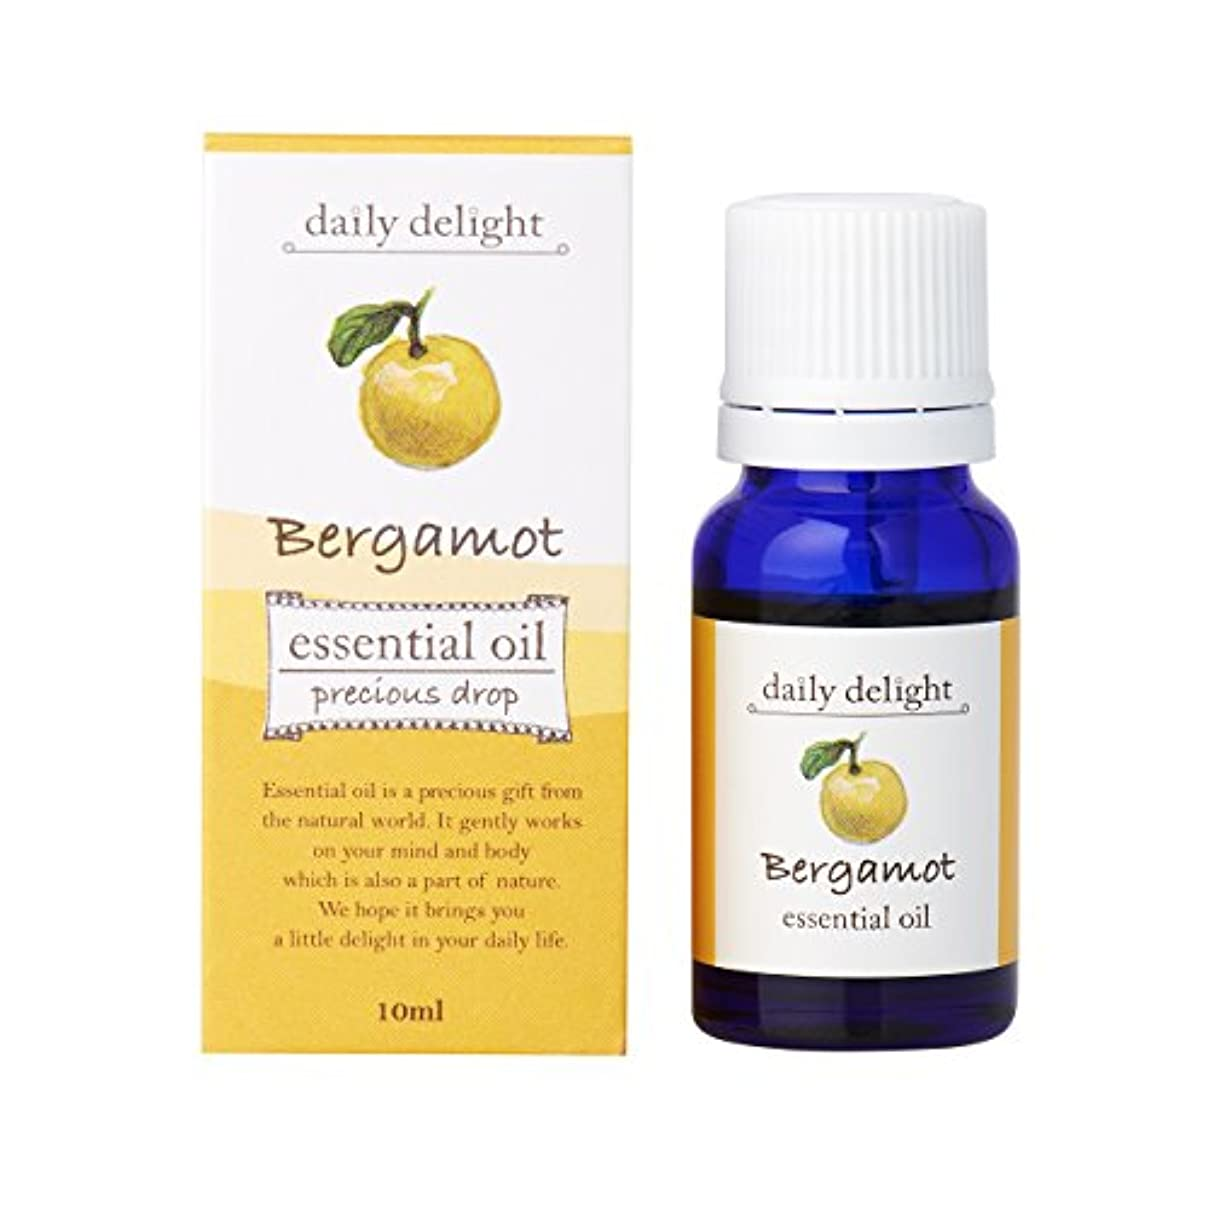 大破降雨評価するデイリーディライト エッセンシャルオイル  ベルガモット 10ml(天然100% 精油 アロマ 柑橘系 甘さが少なめでみずみずしく美しい香り)